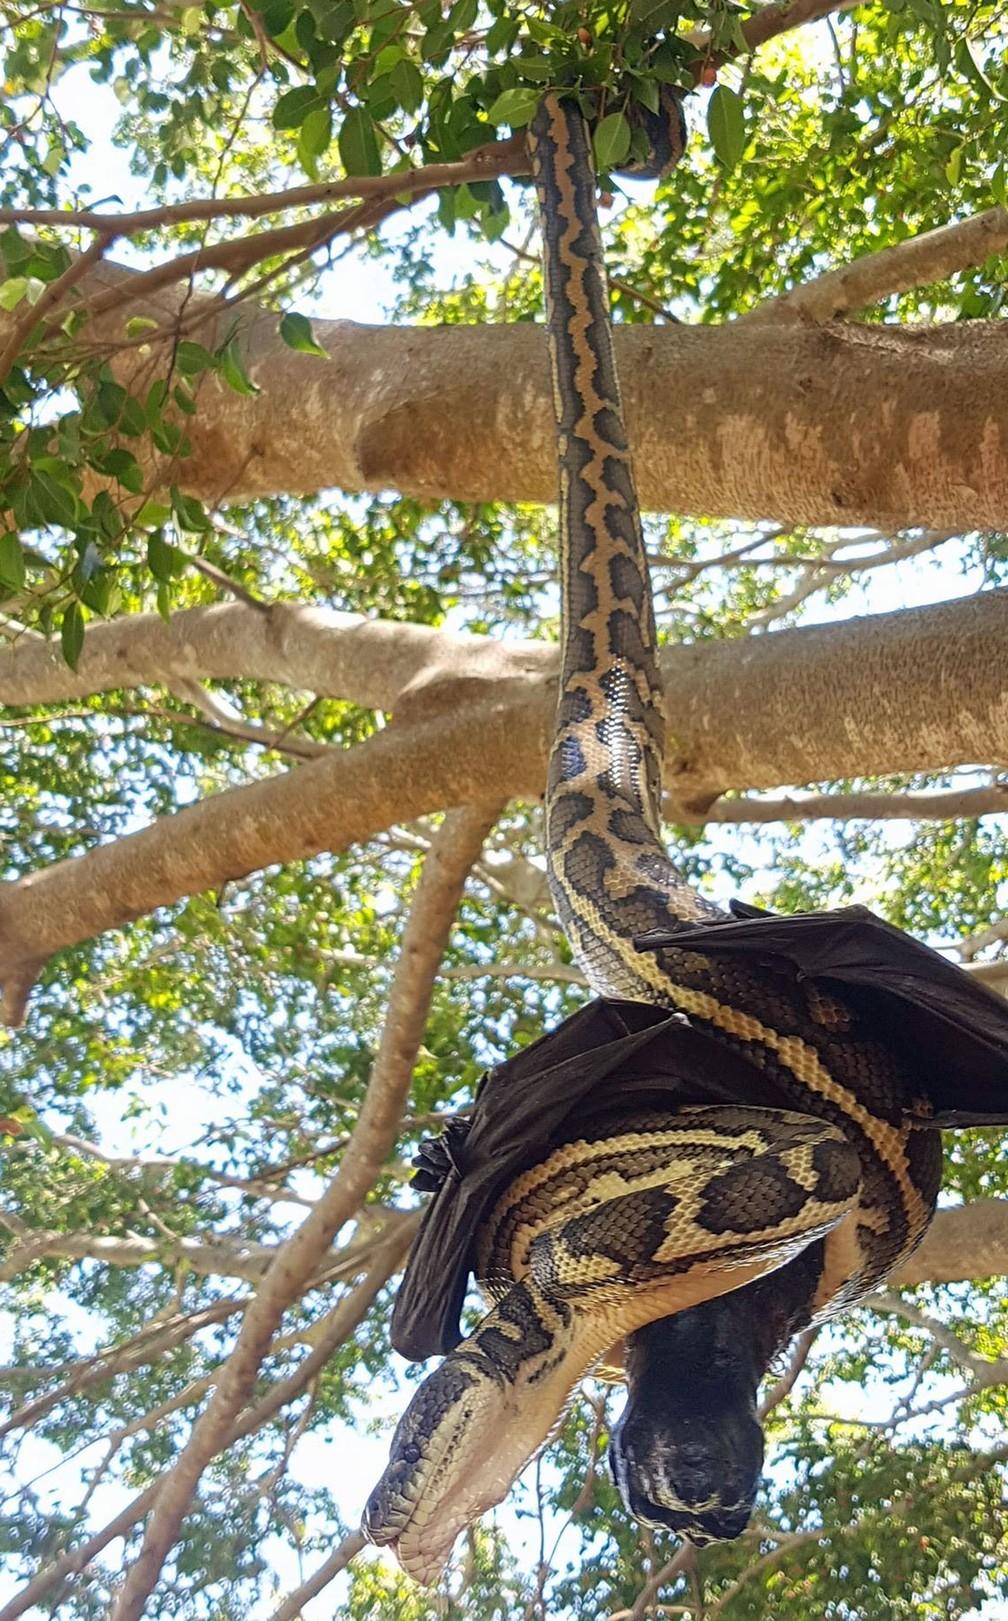 Cobra tenta comer morcego na Austrália (Foto: Reprodução/Facebook/Redland's Snake Catcher)